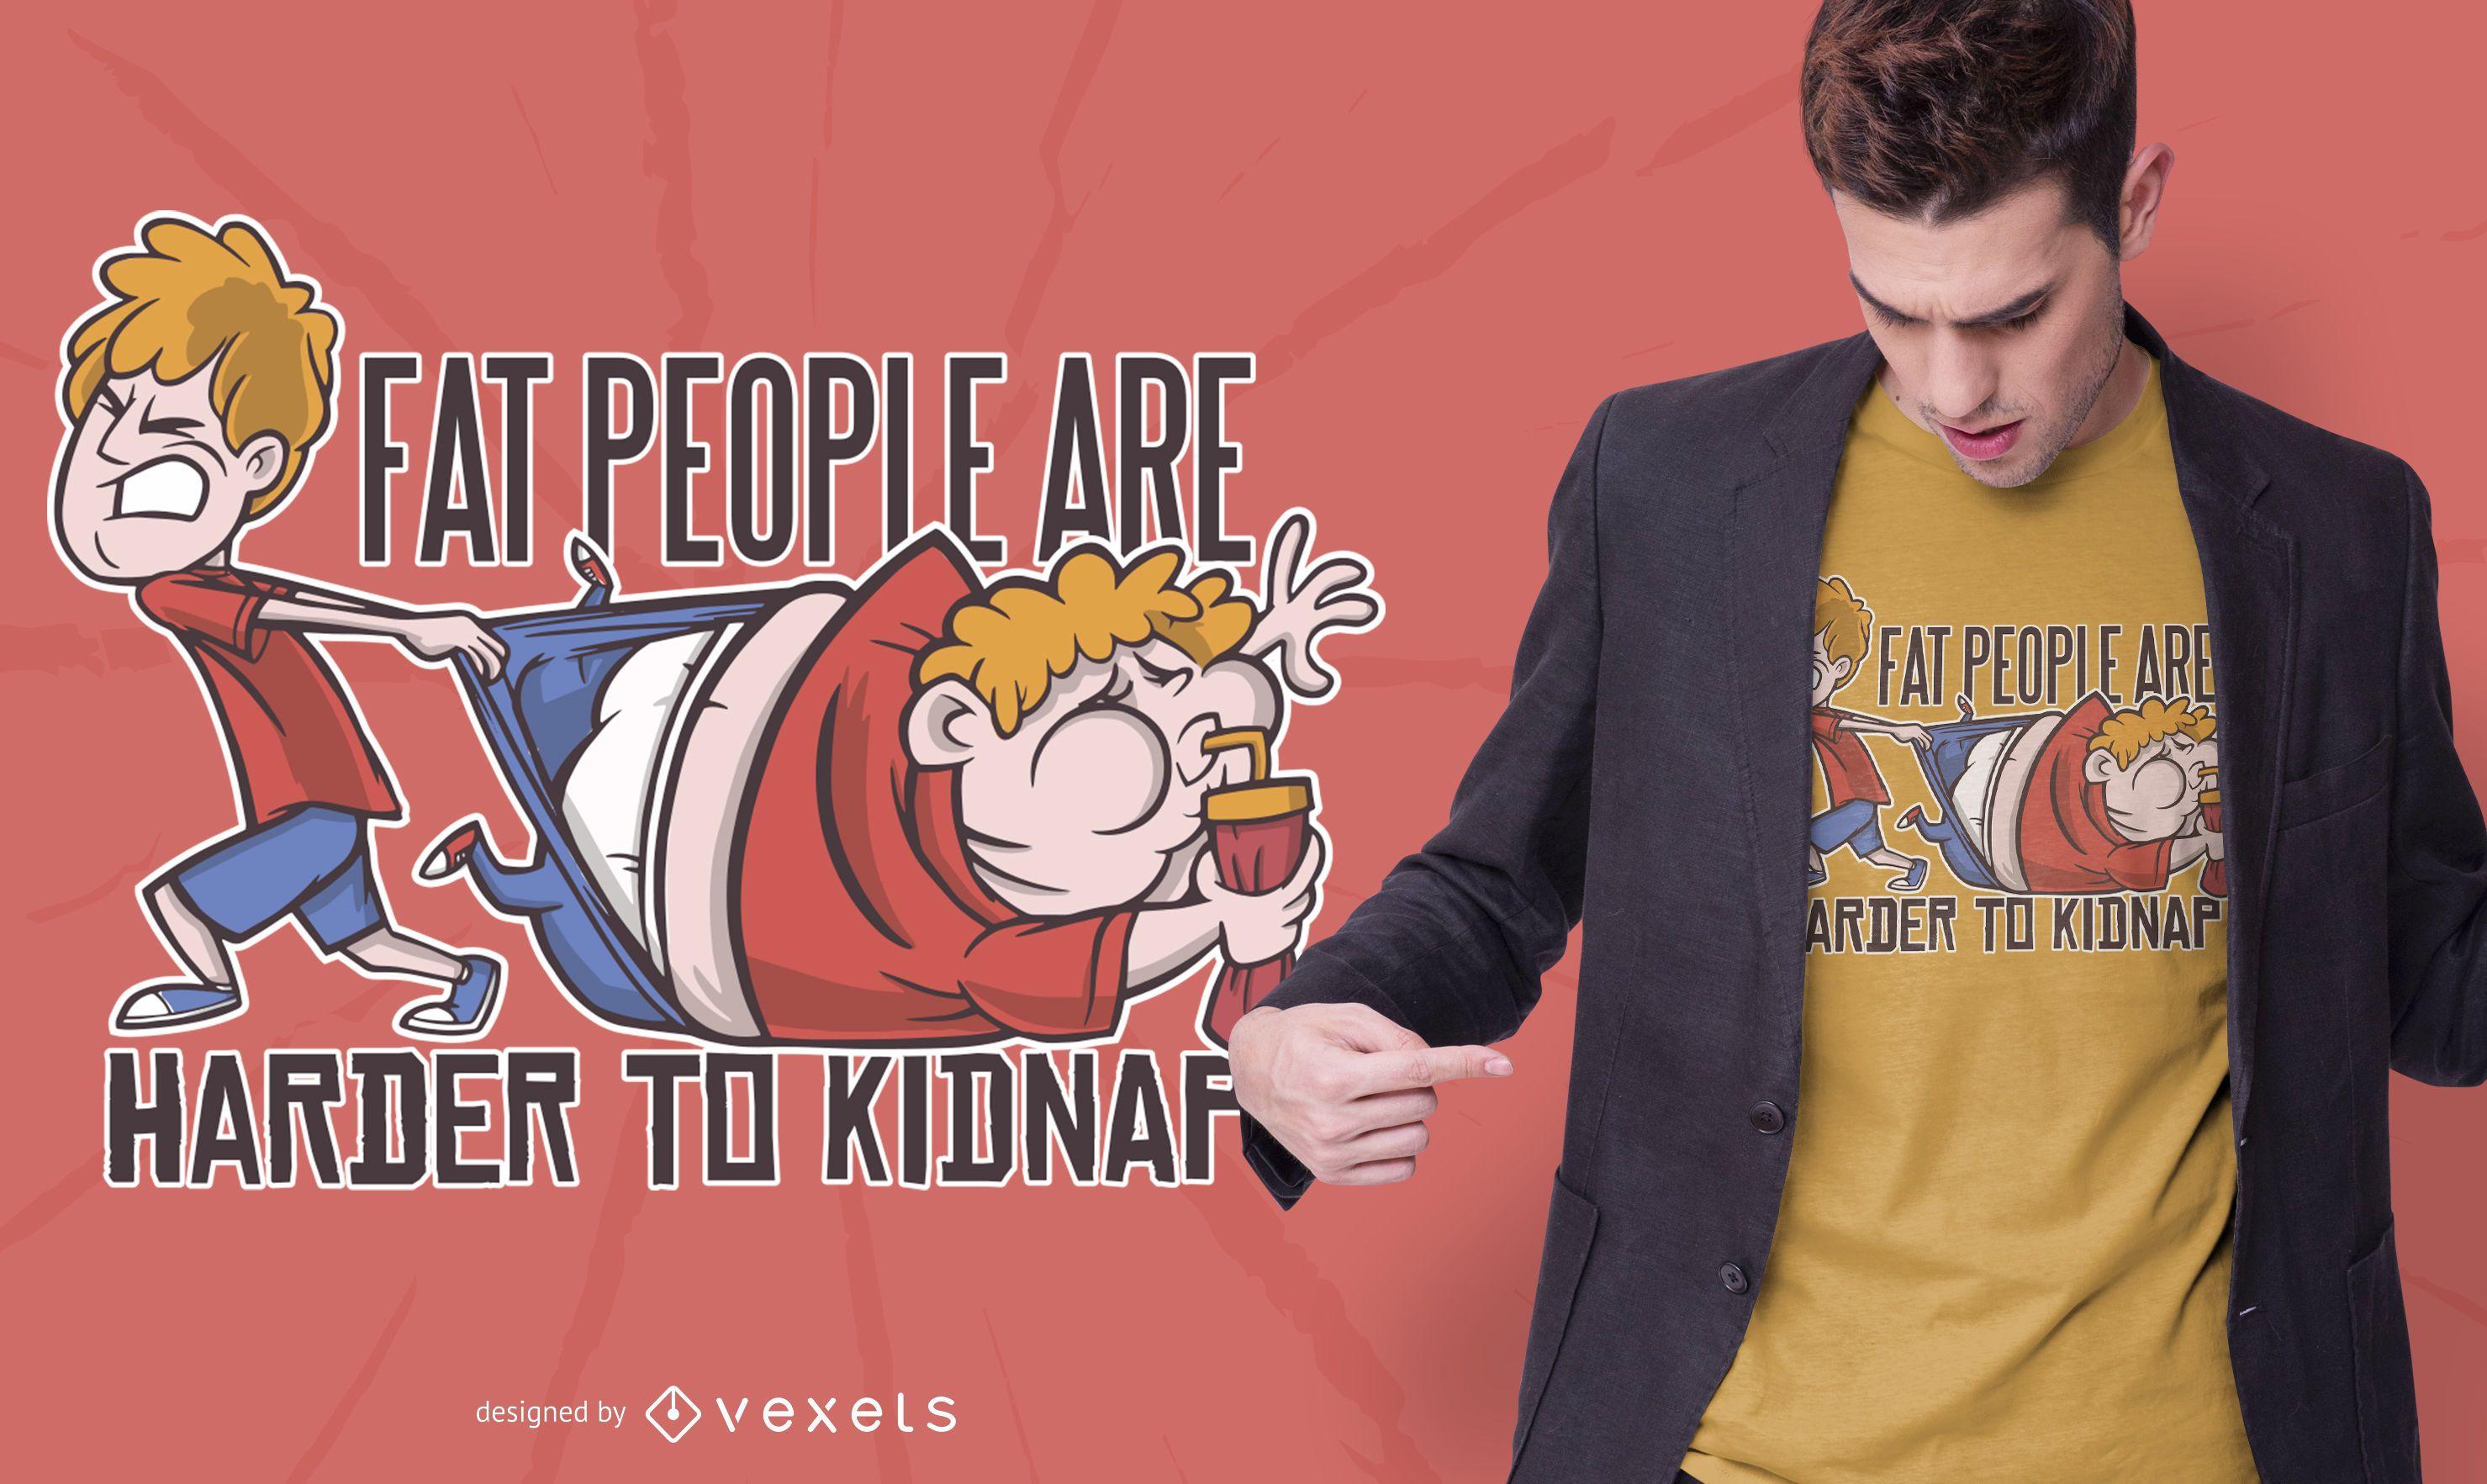 Diseño de camiseta divertida de gente gorda